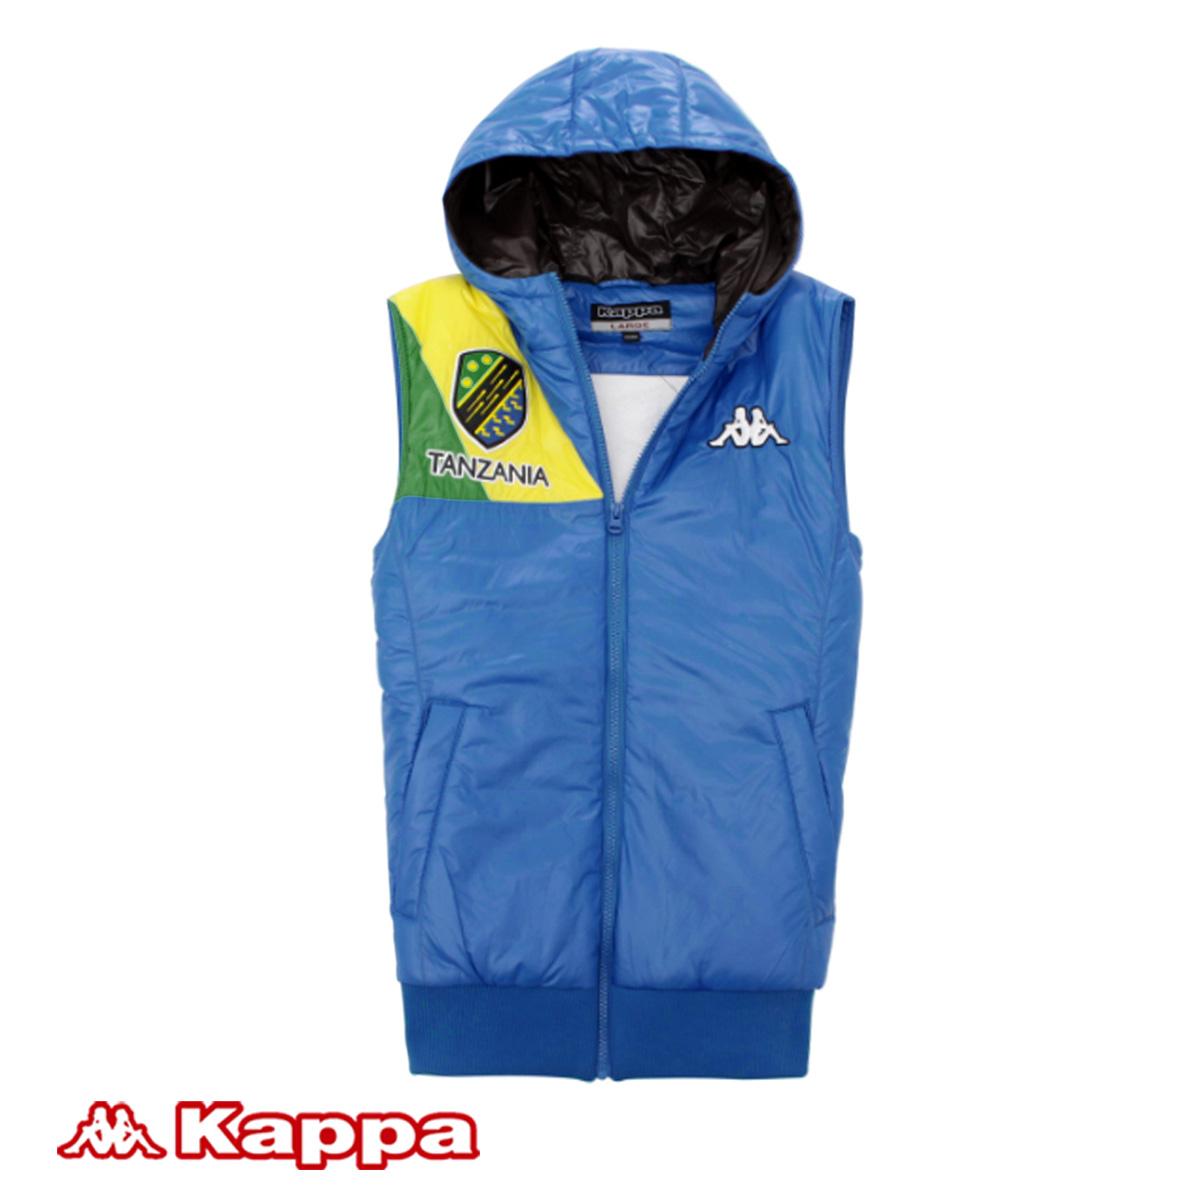 Куртка, Спортивный костюм Kappa k2104mj703 *